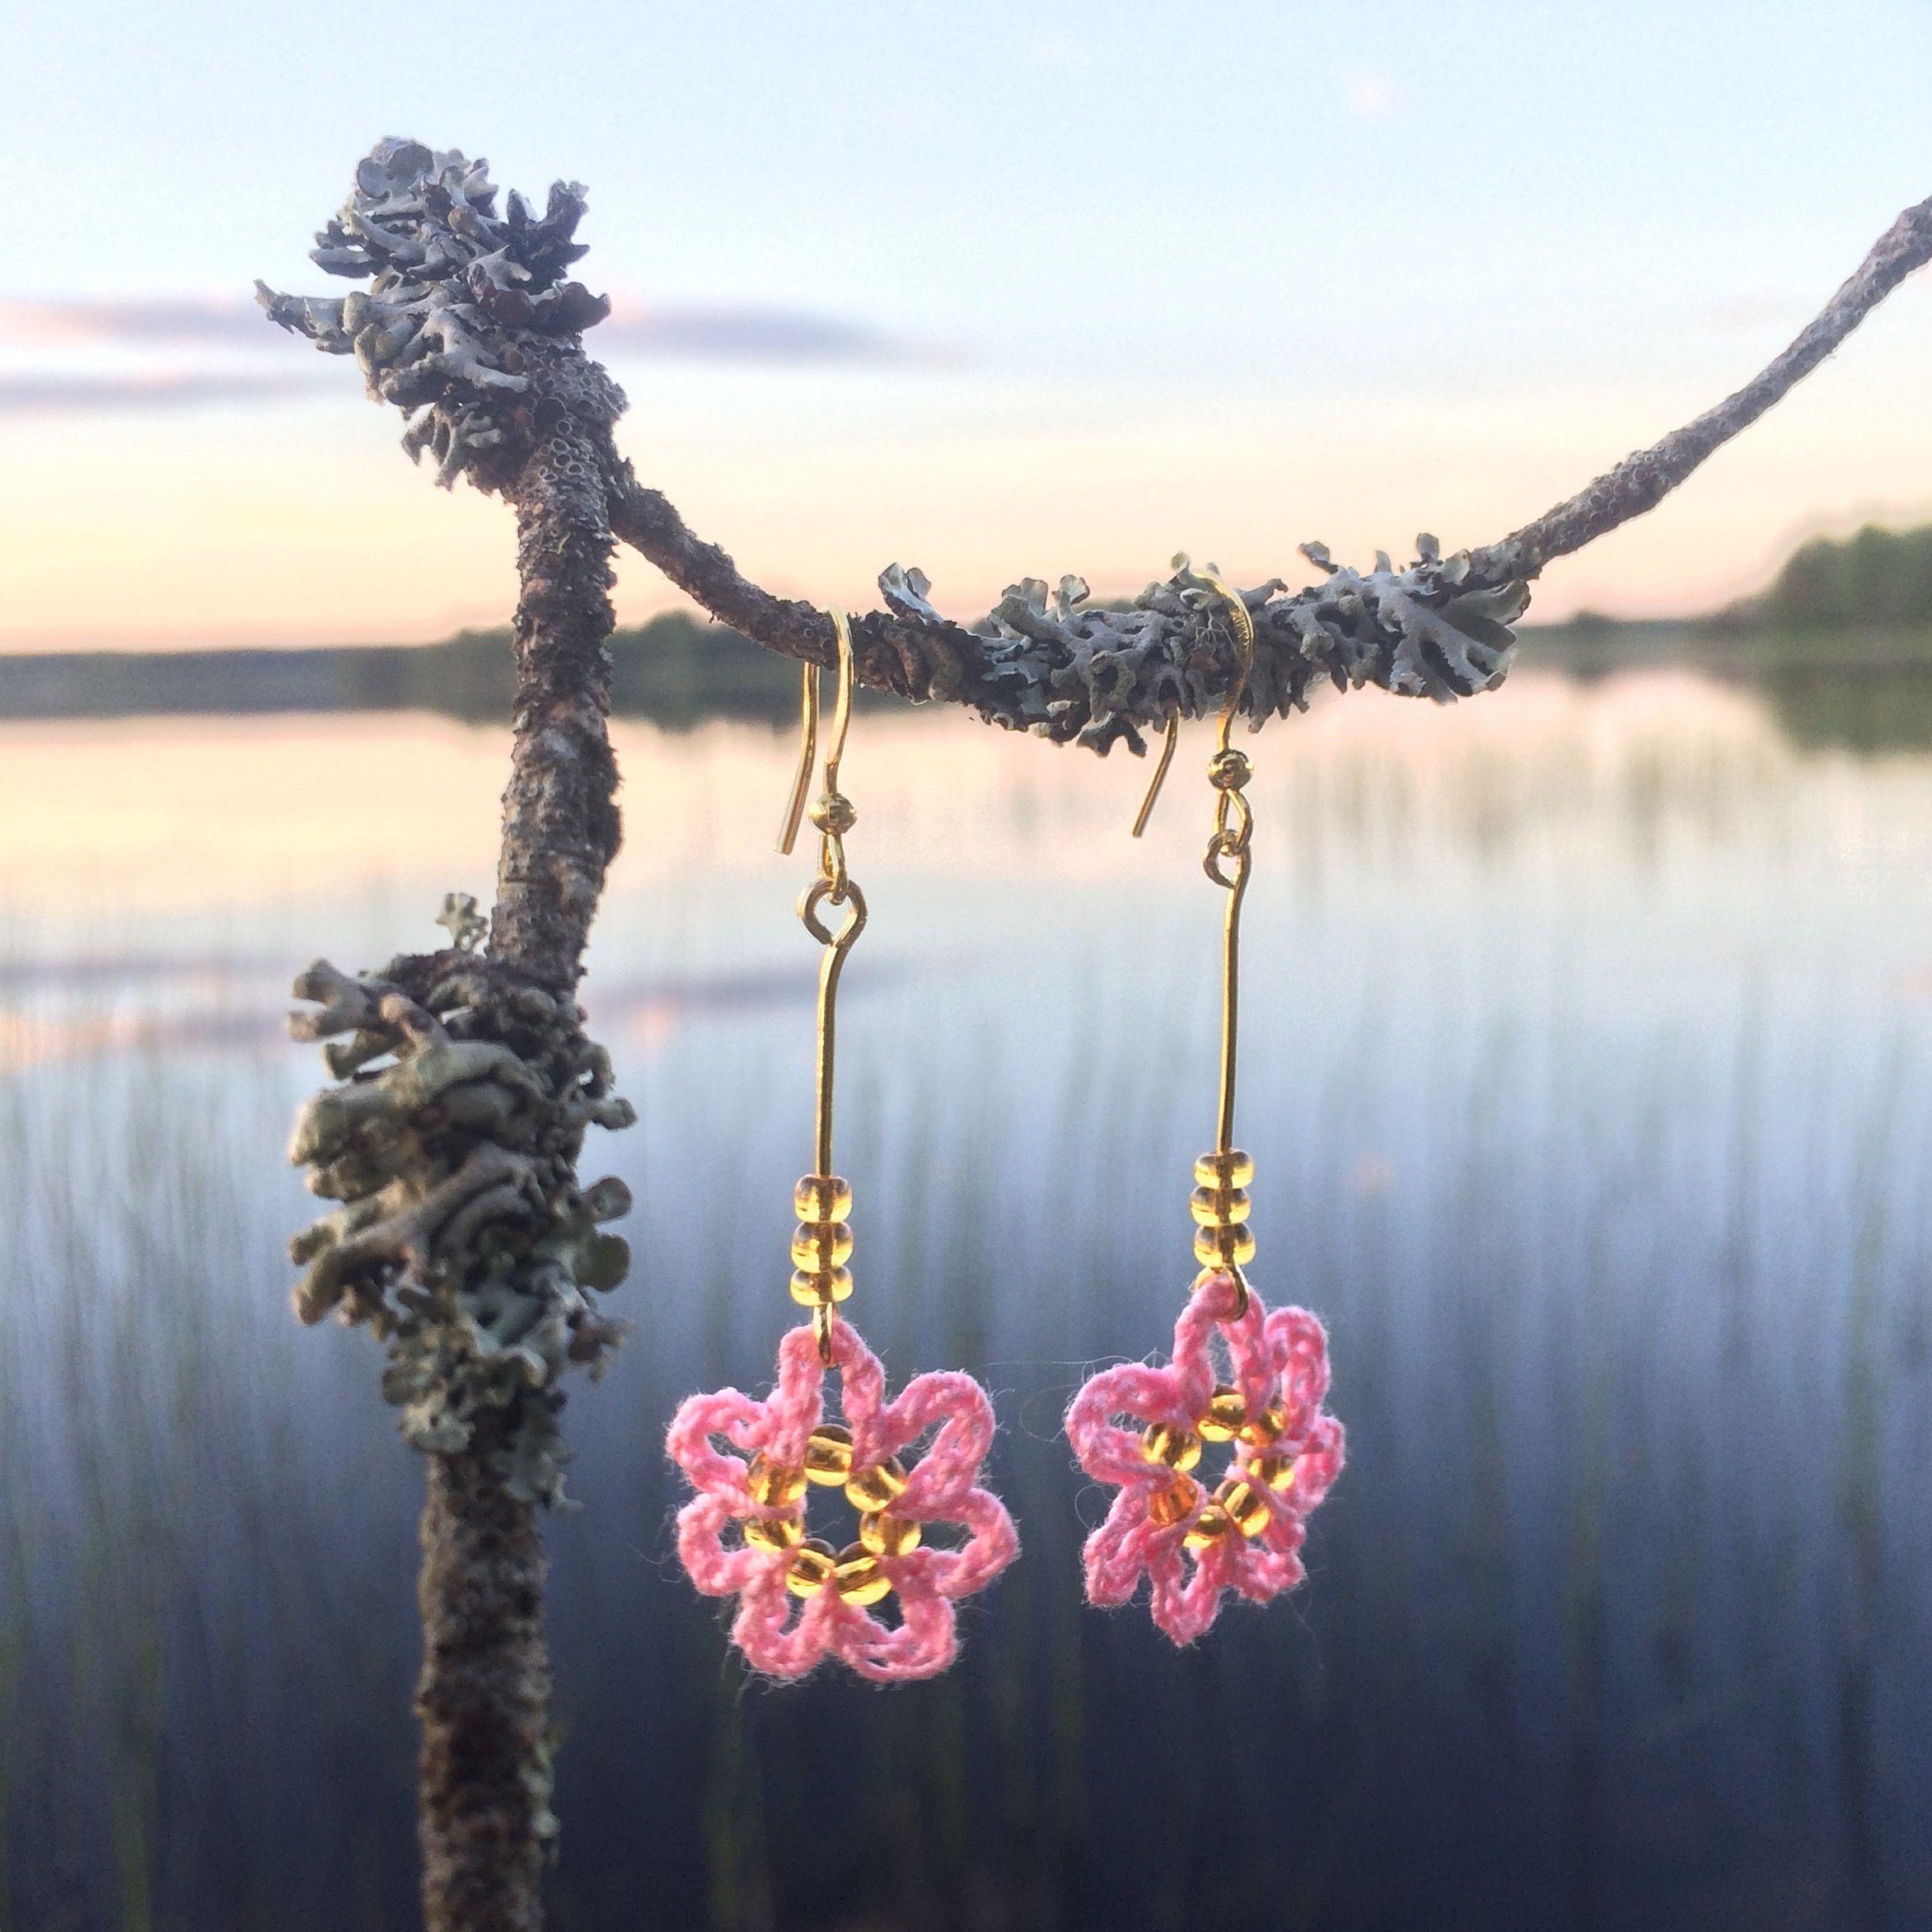 crocheted earrings, Sirkku Tuomela 2017